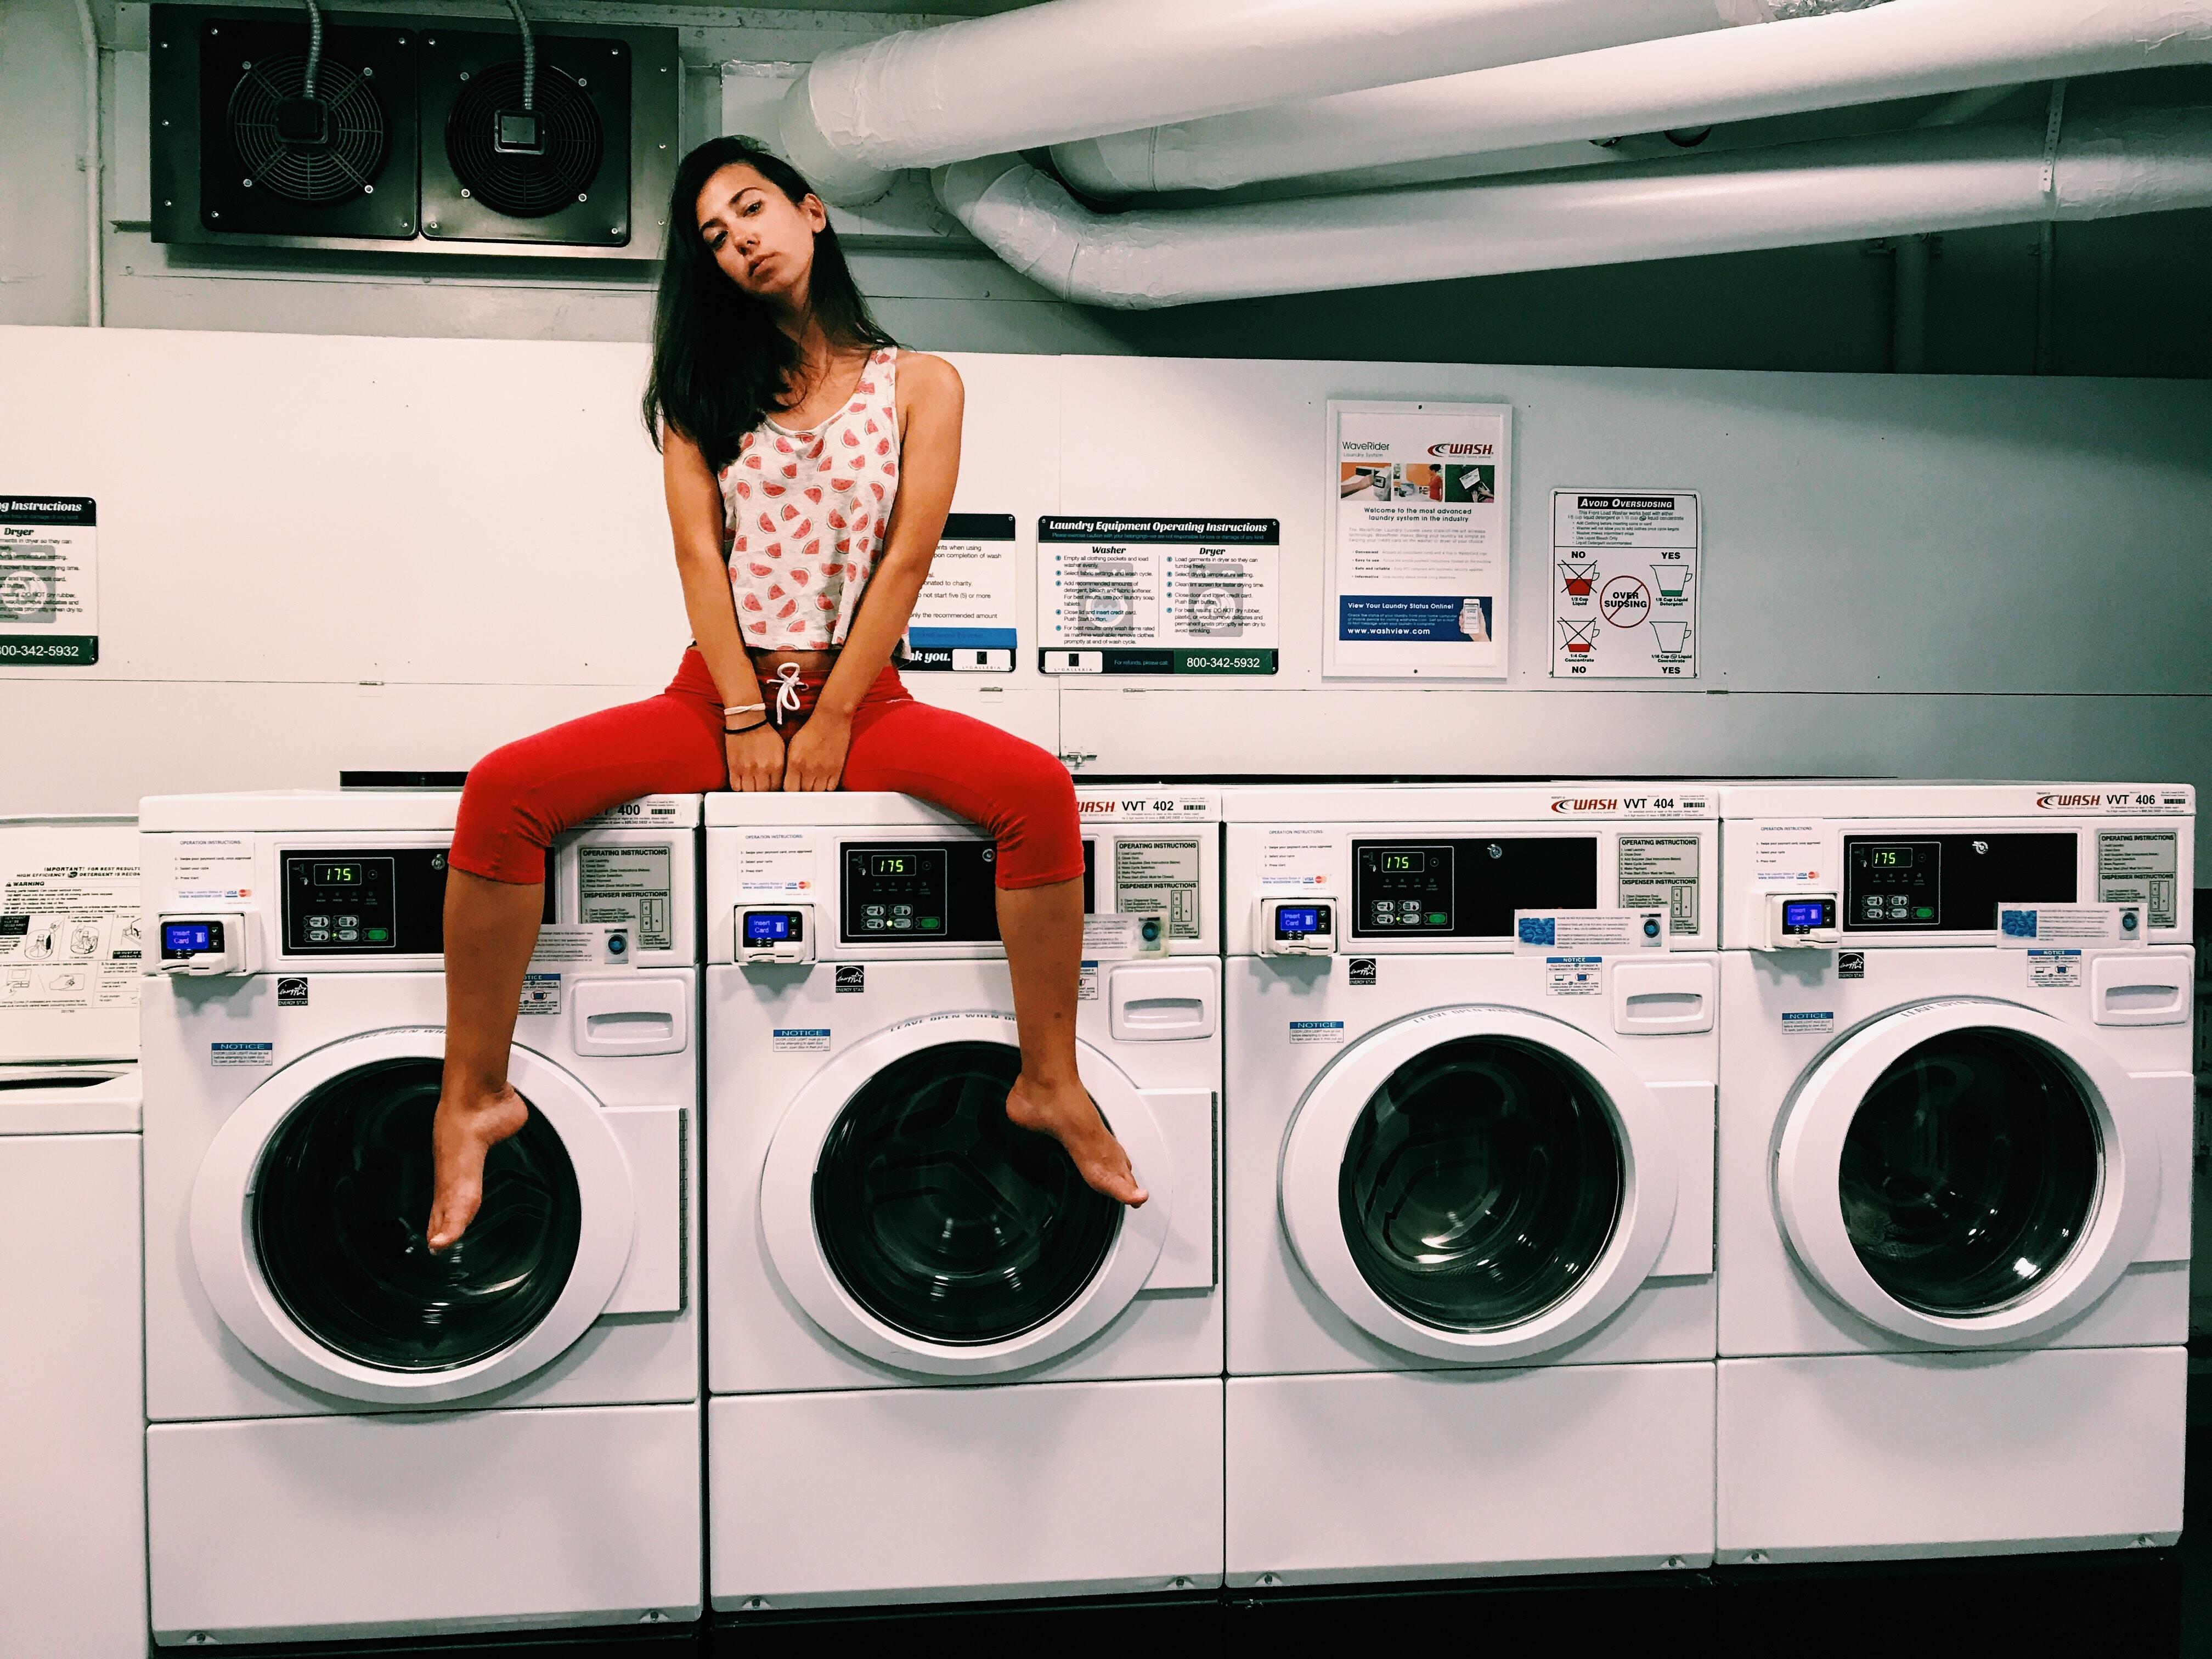 วิวัฒนาการของเครื่องซักผ้า